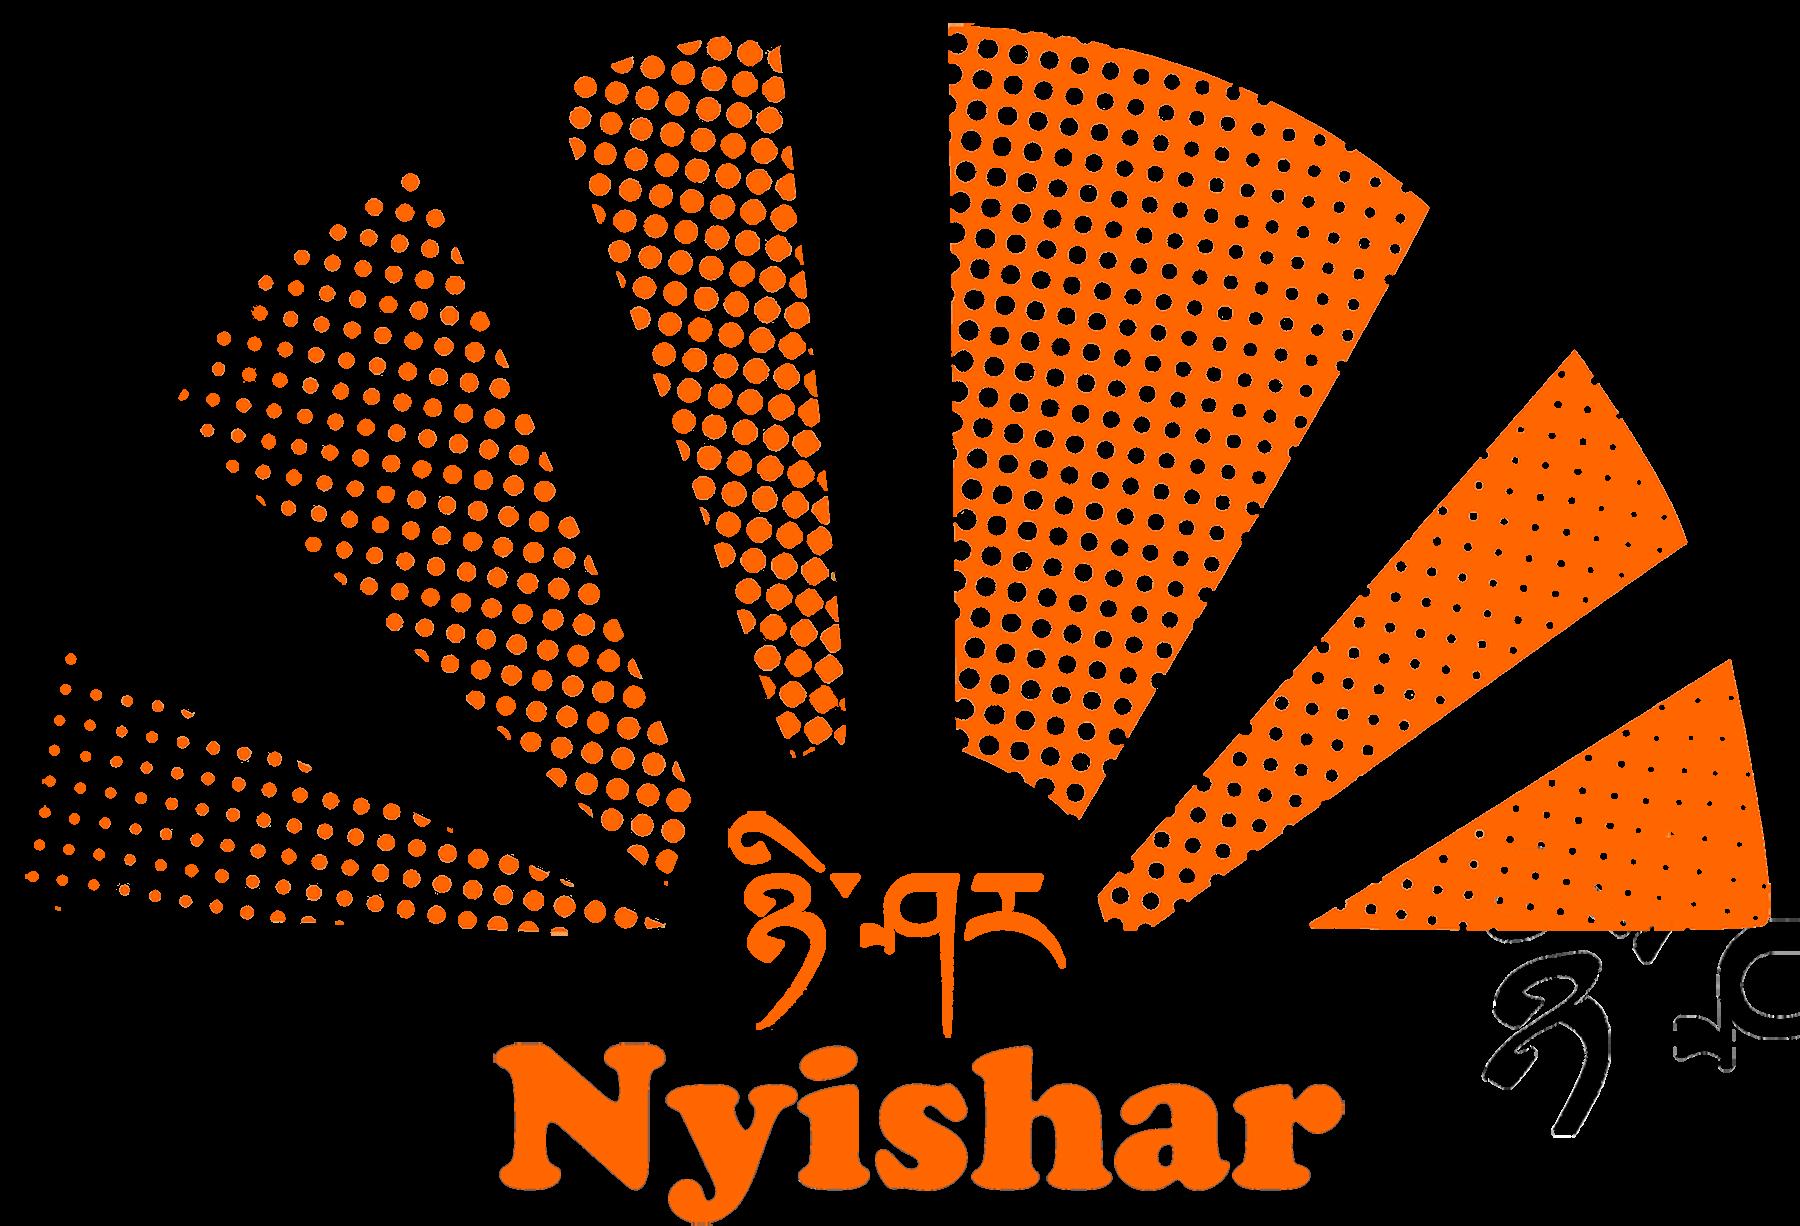 Nyishar